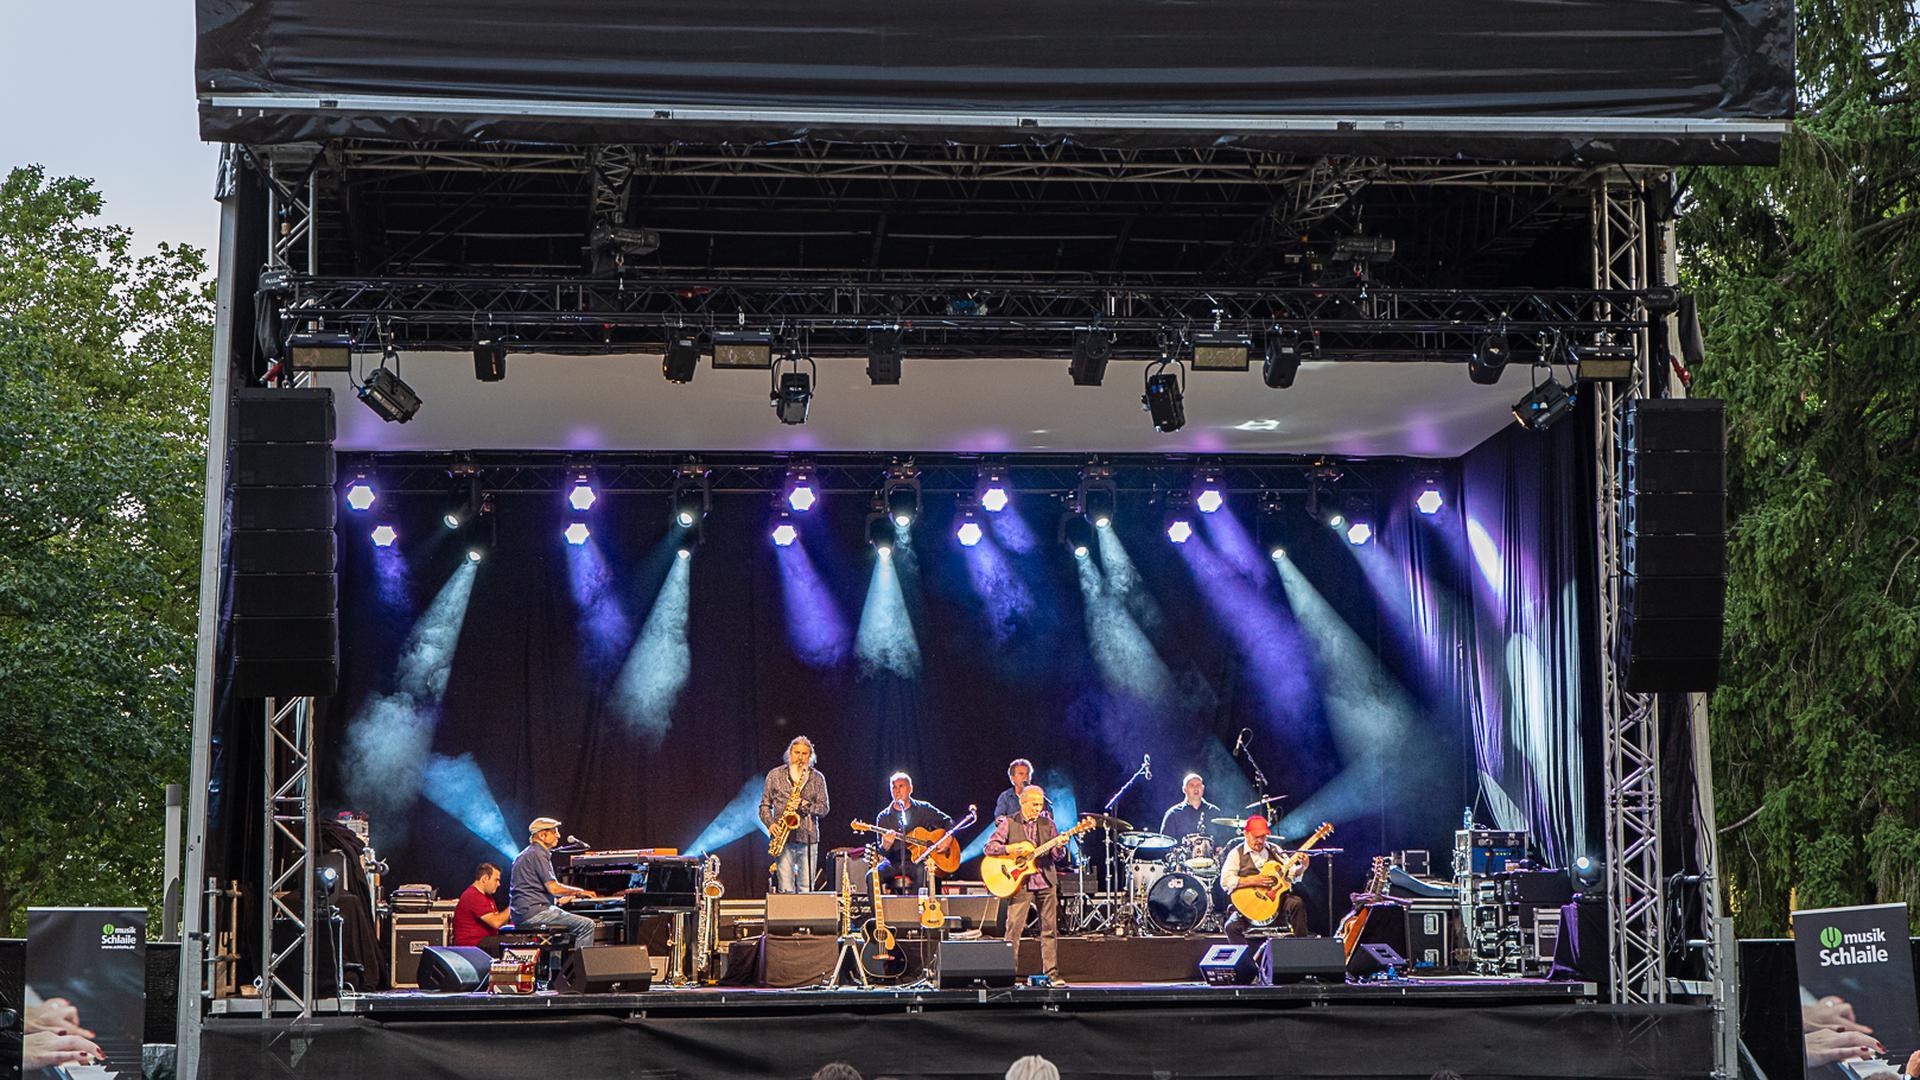 Konzert auf Bühne